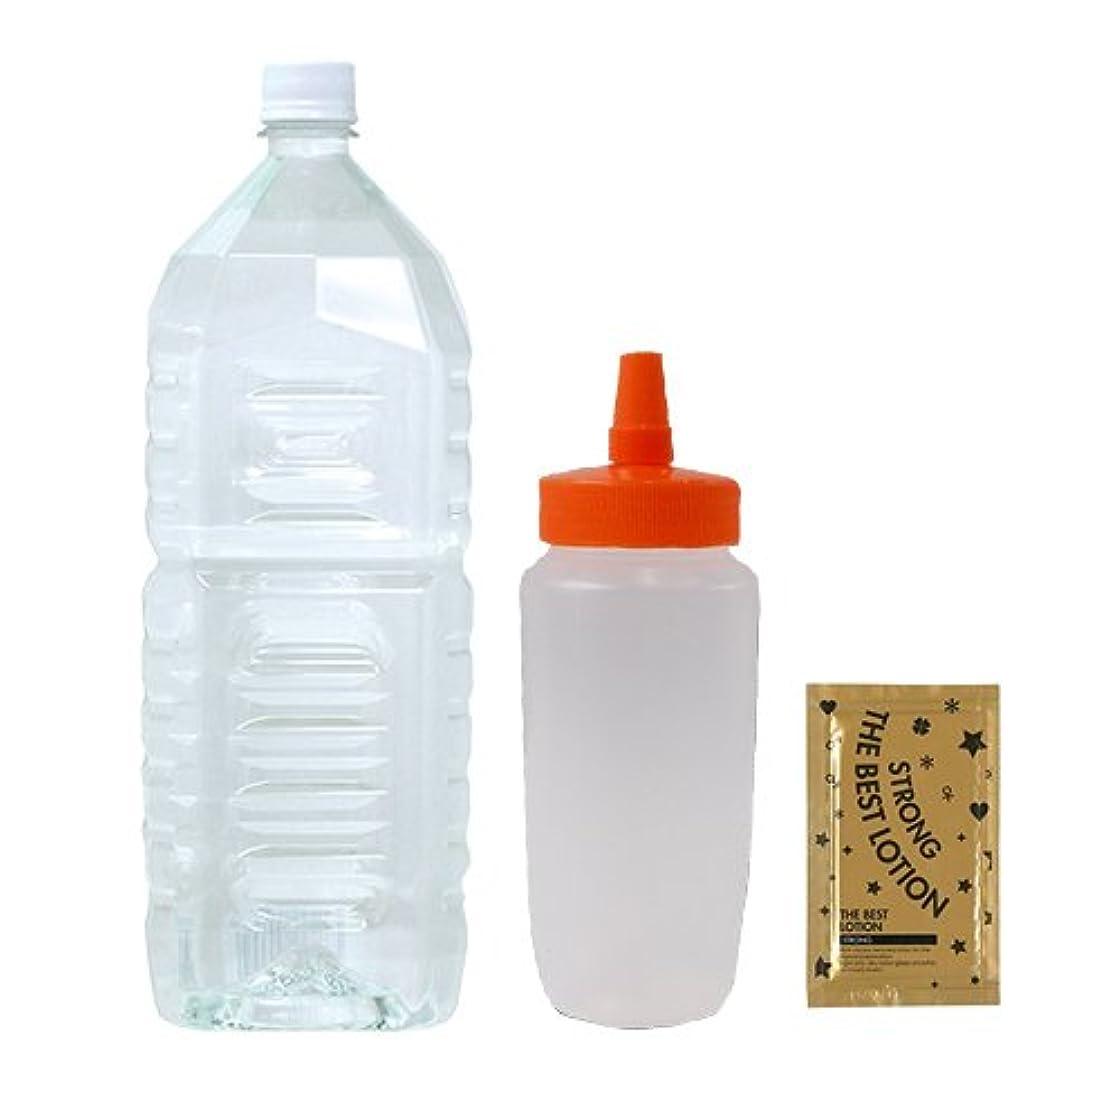 粒不規則性日記クリアローション 2Lペットボトル ハードタイプ(5倍濃縮原液)+ はちみつ容器740ml(オレンジキャップ)+ ベストローションストロング 1包付き セット